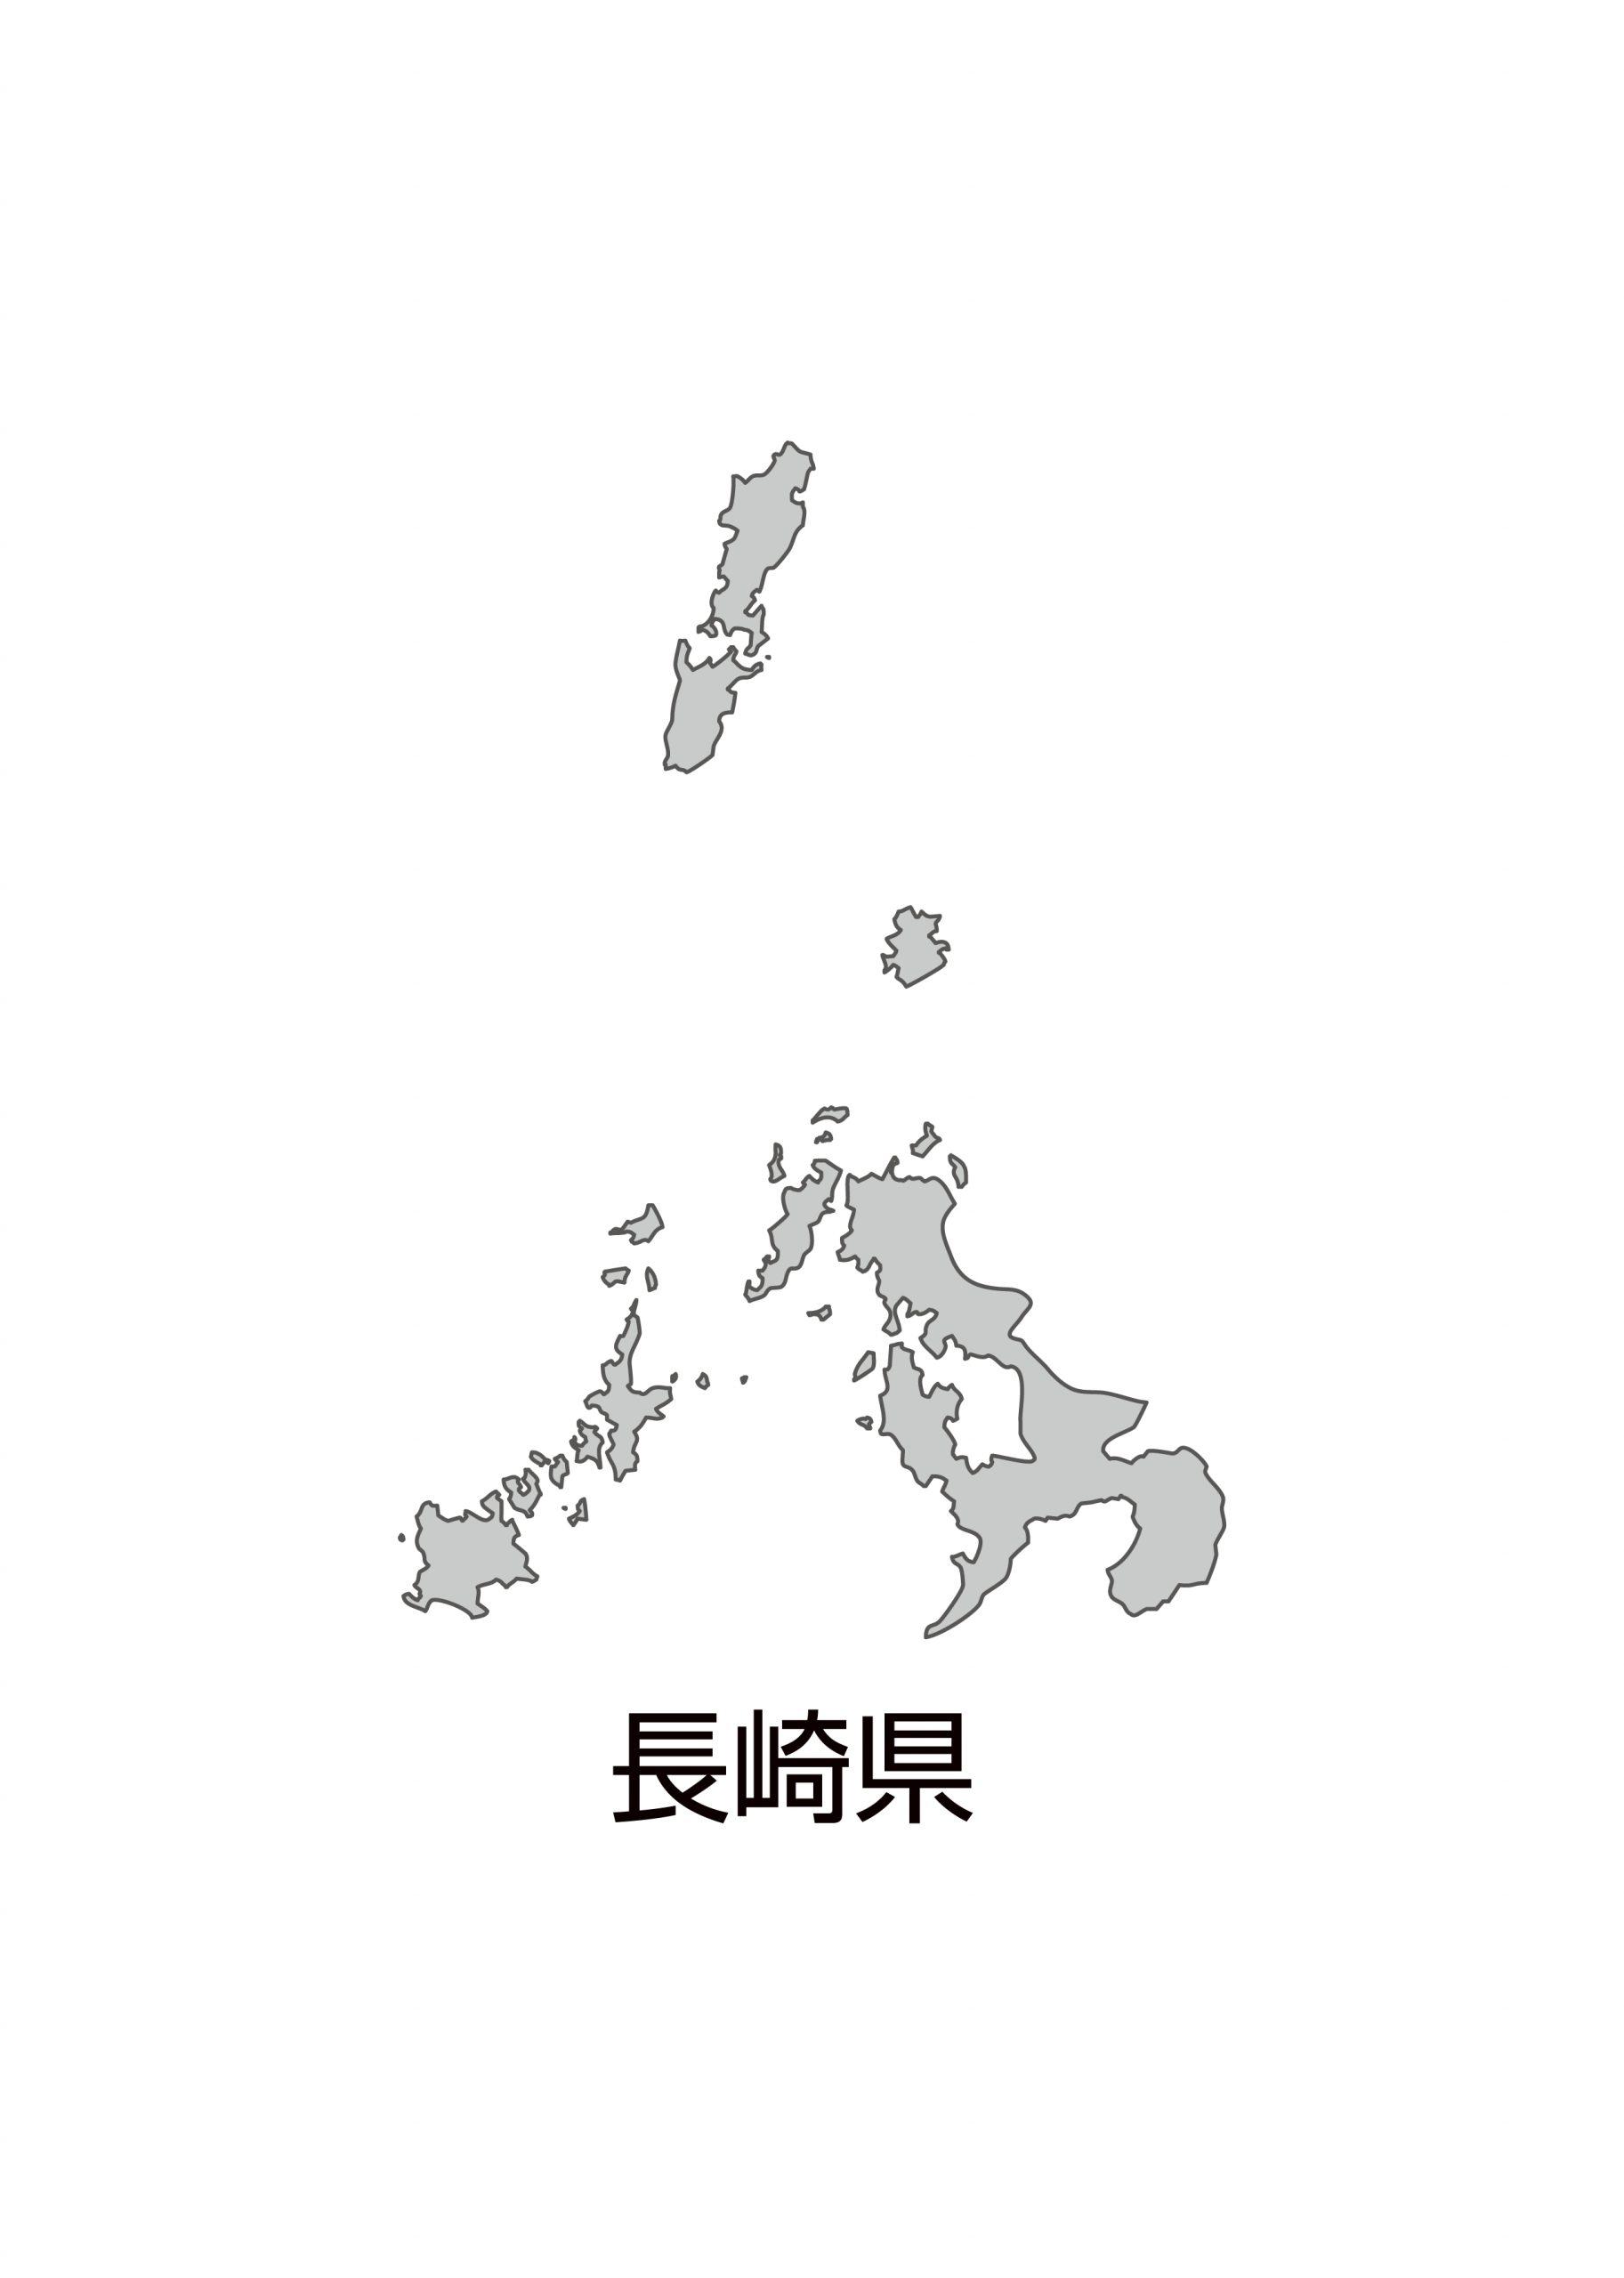 長崎県無料フリーイラスト|日本語・都道府県名あり(グレー)